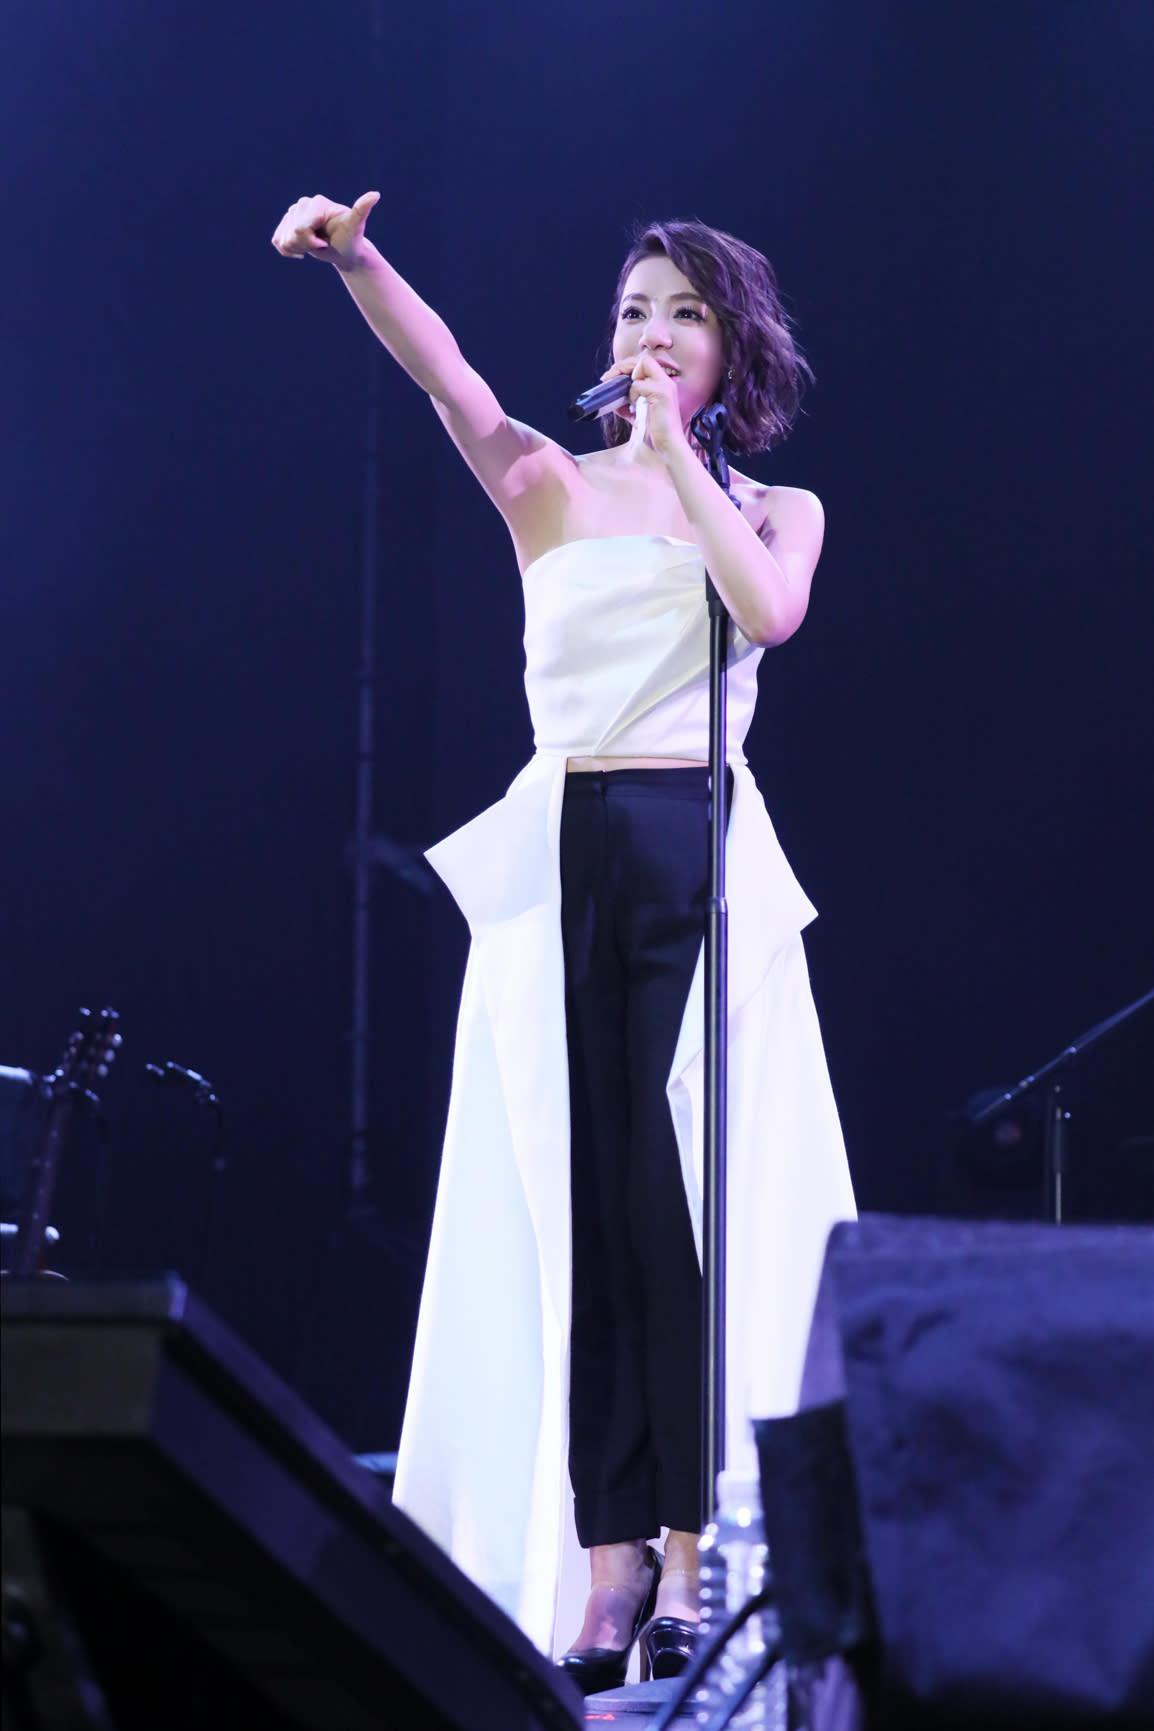 丁噹「想戀一個愛 一戀十年」演唱會遍地開花 4月21日 新加坡開唱